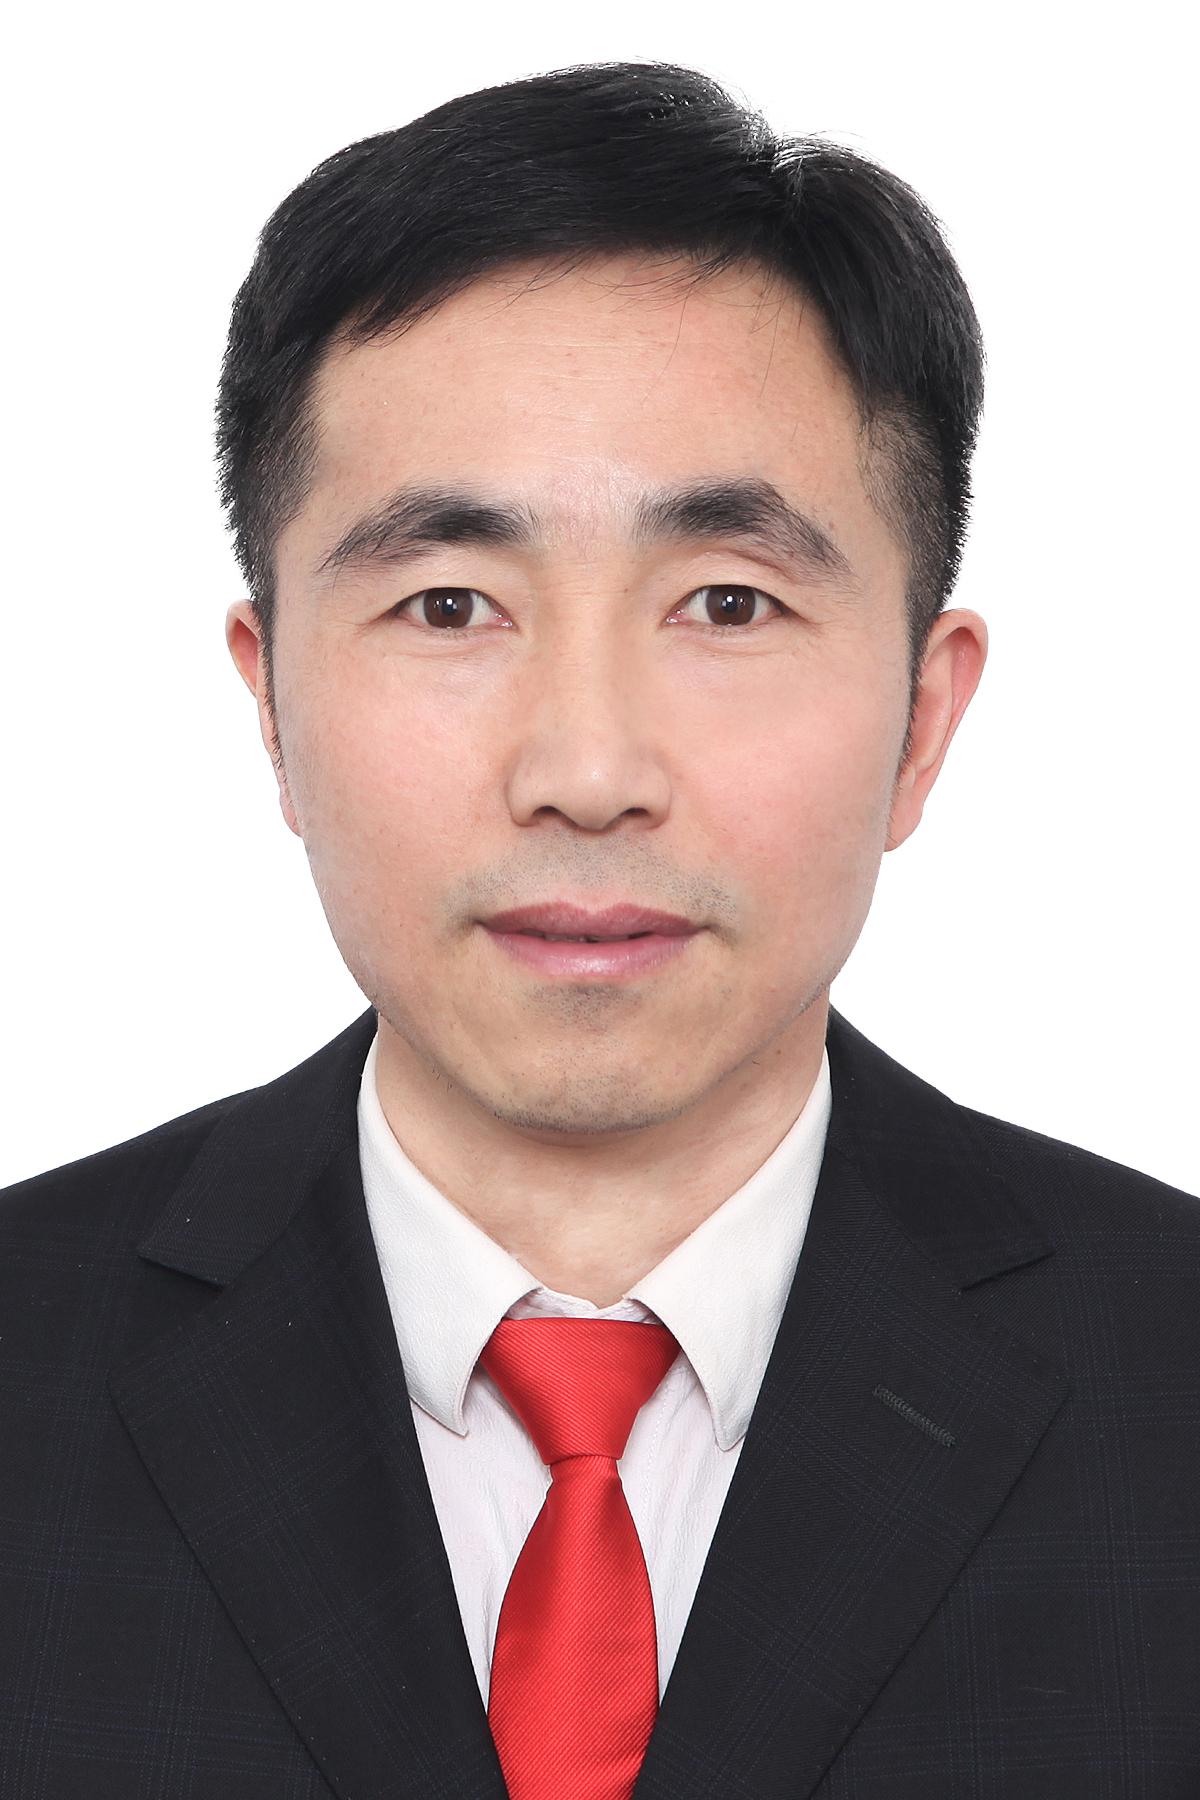 王永刚(民革党员)